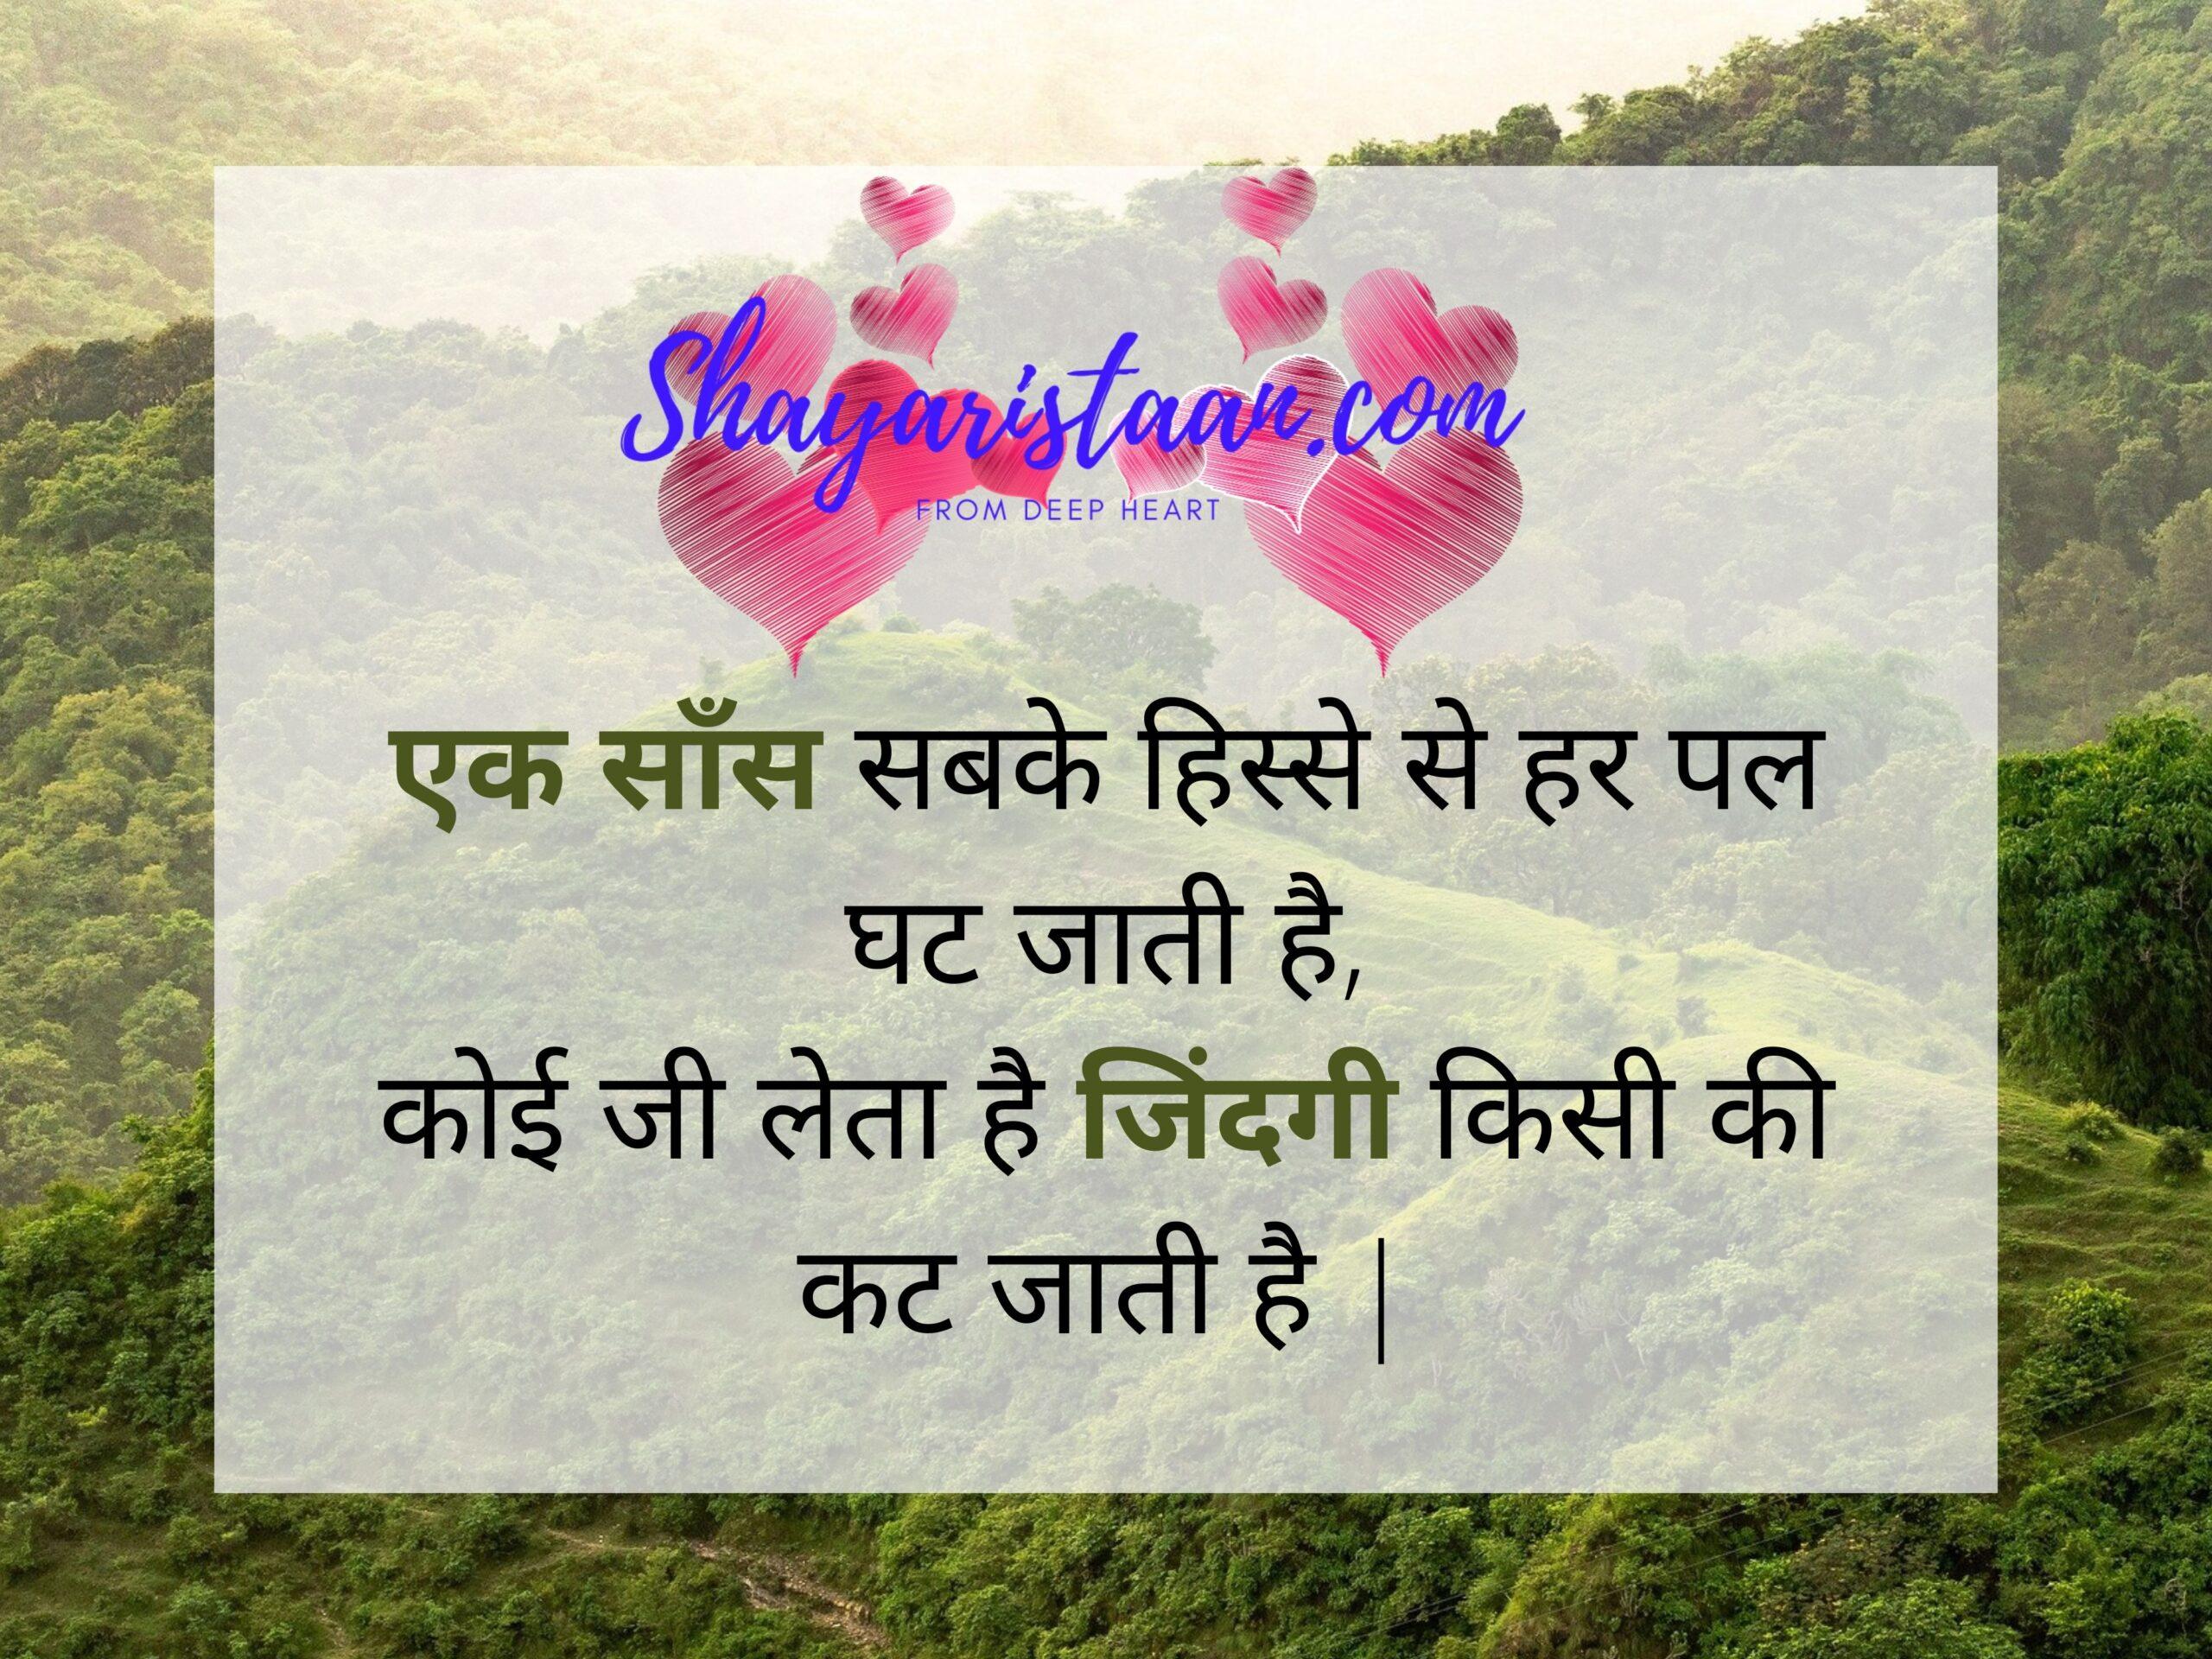 zindagi shayari in hindi जिंदगी शायरी | एक साँस सबके हिस्से से हर पल घट जाती है, कोई जी लेता है जिंदगी किसी की कट जाती है |